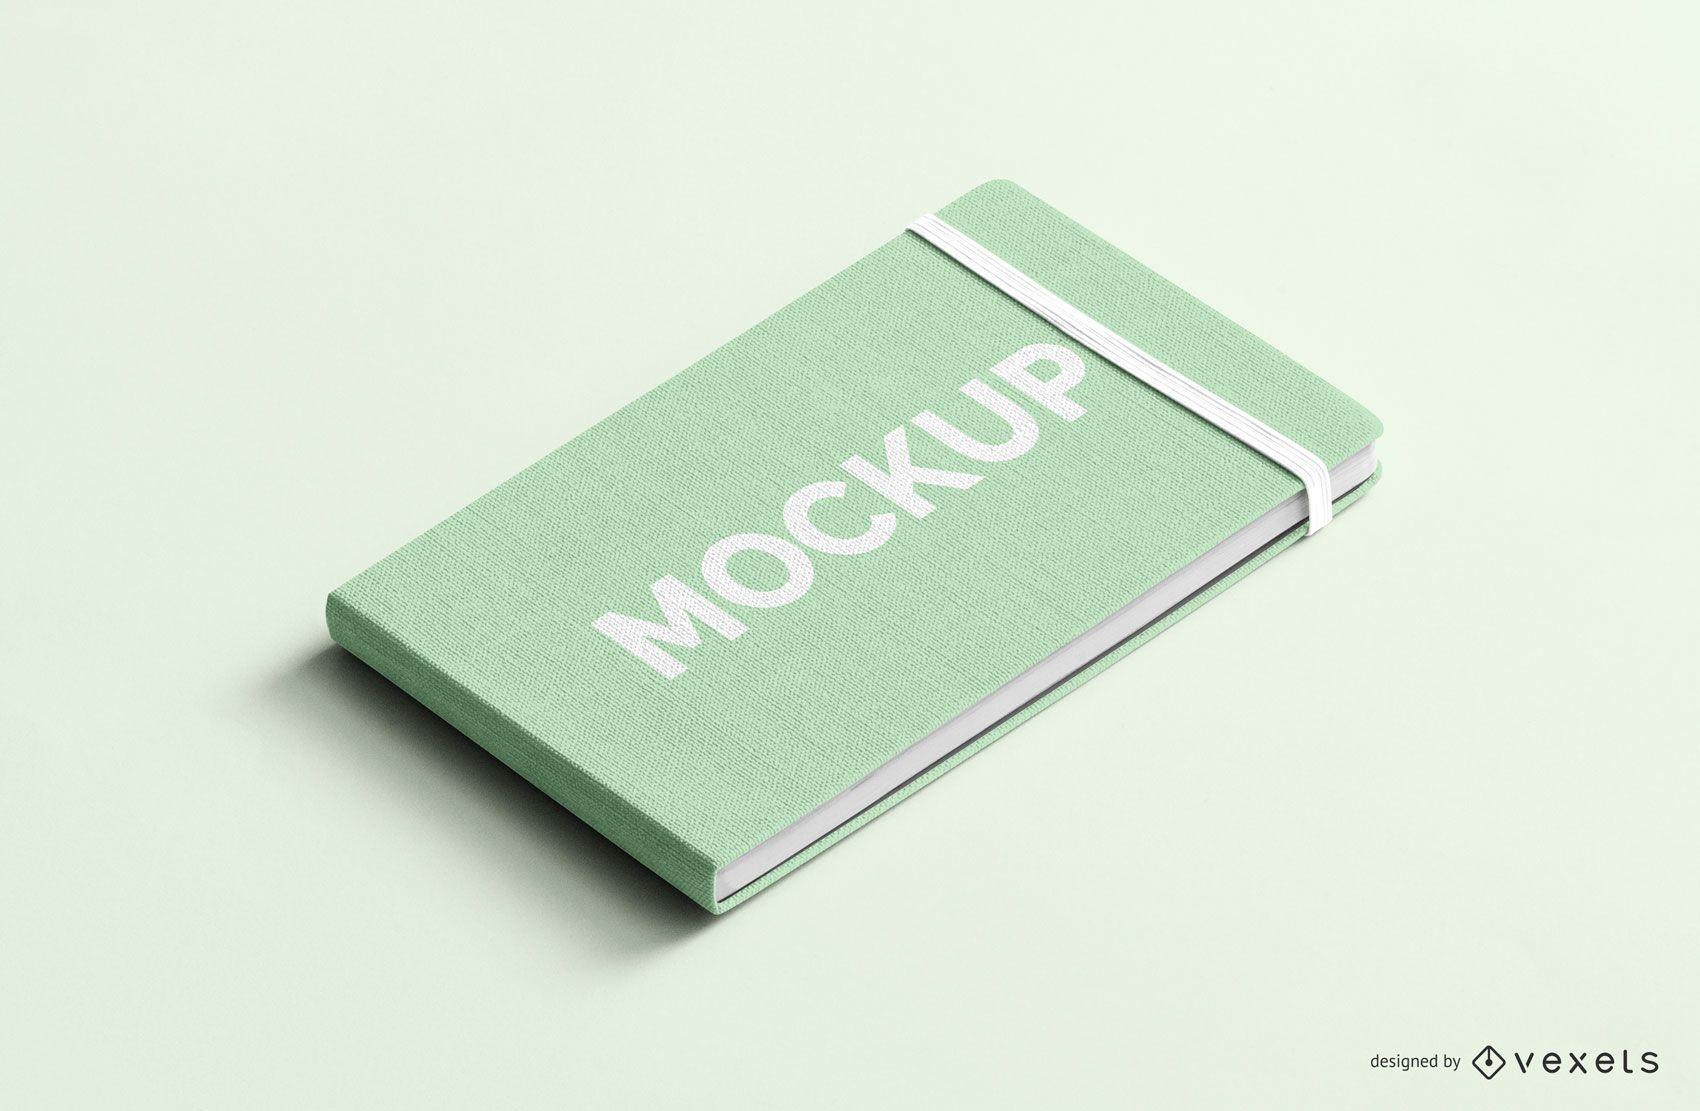 Notizbuch mit Gummiband psd Modell